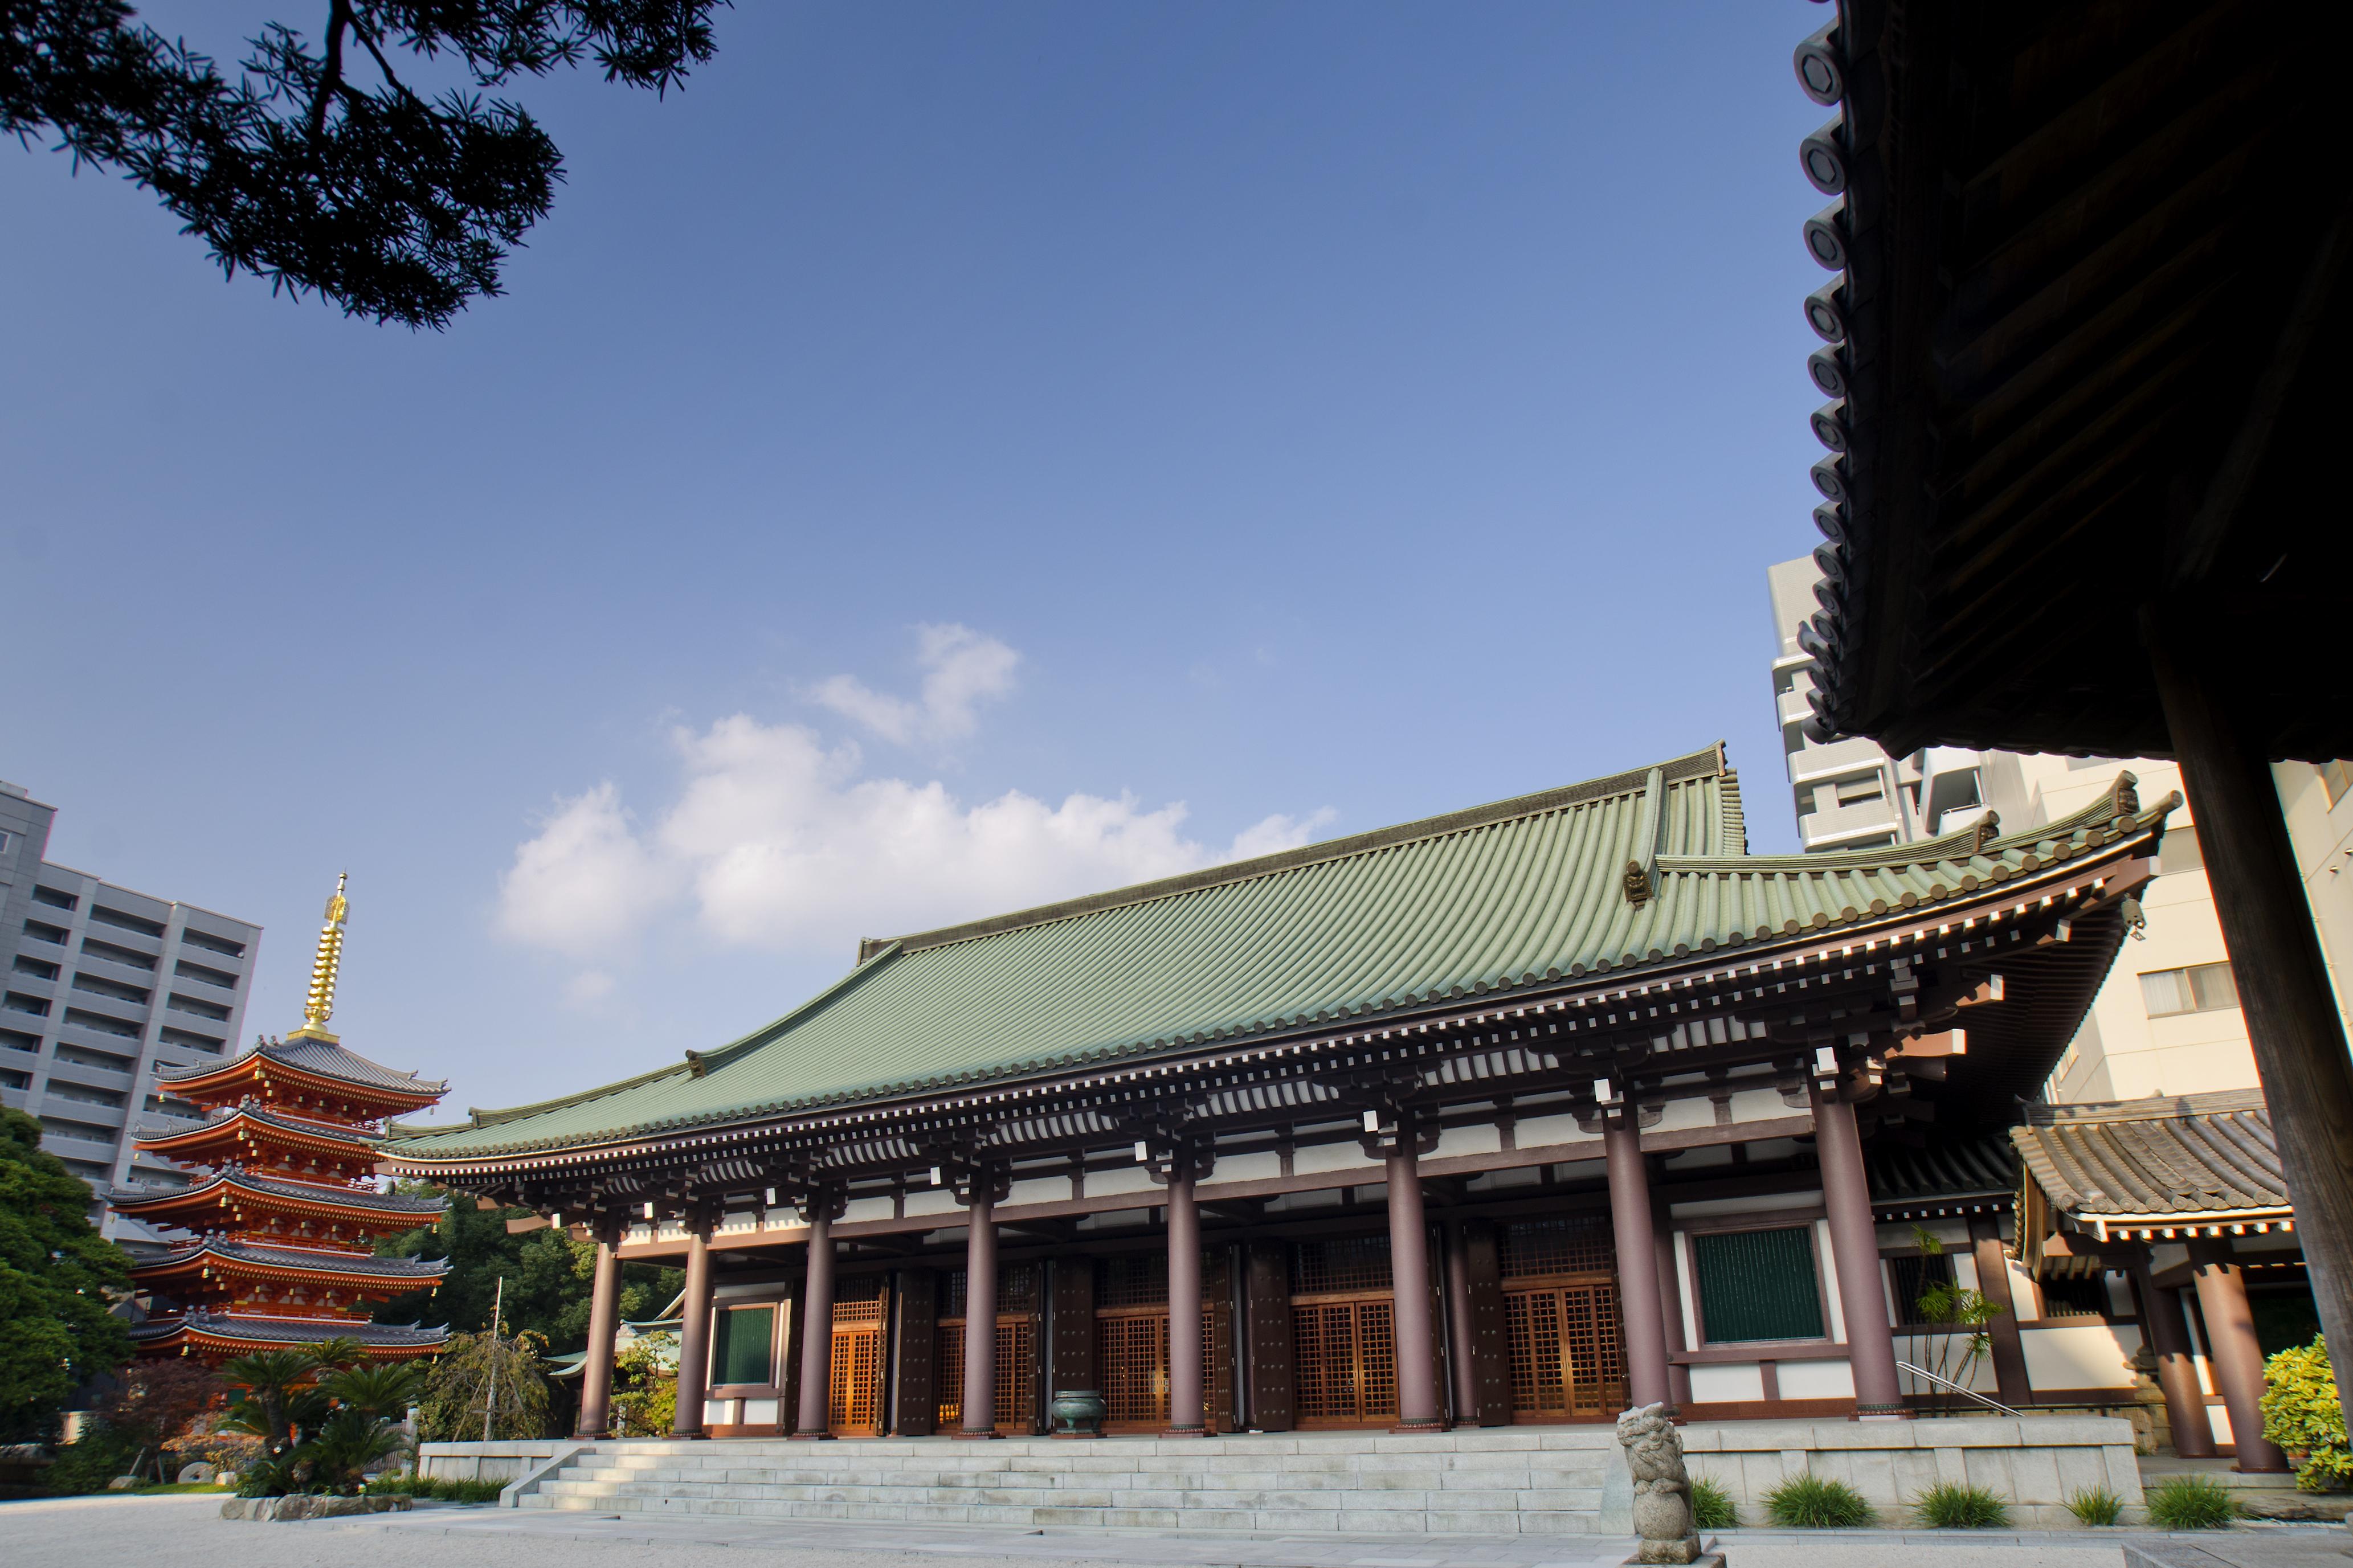 東長寺(2012)の画像